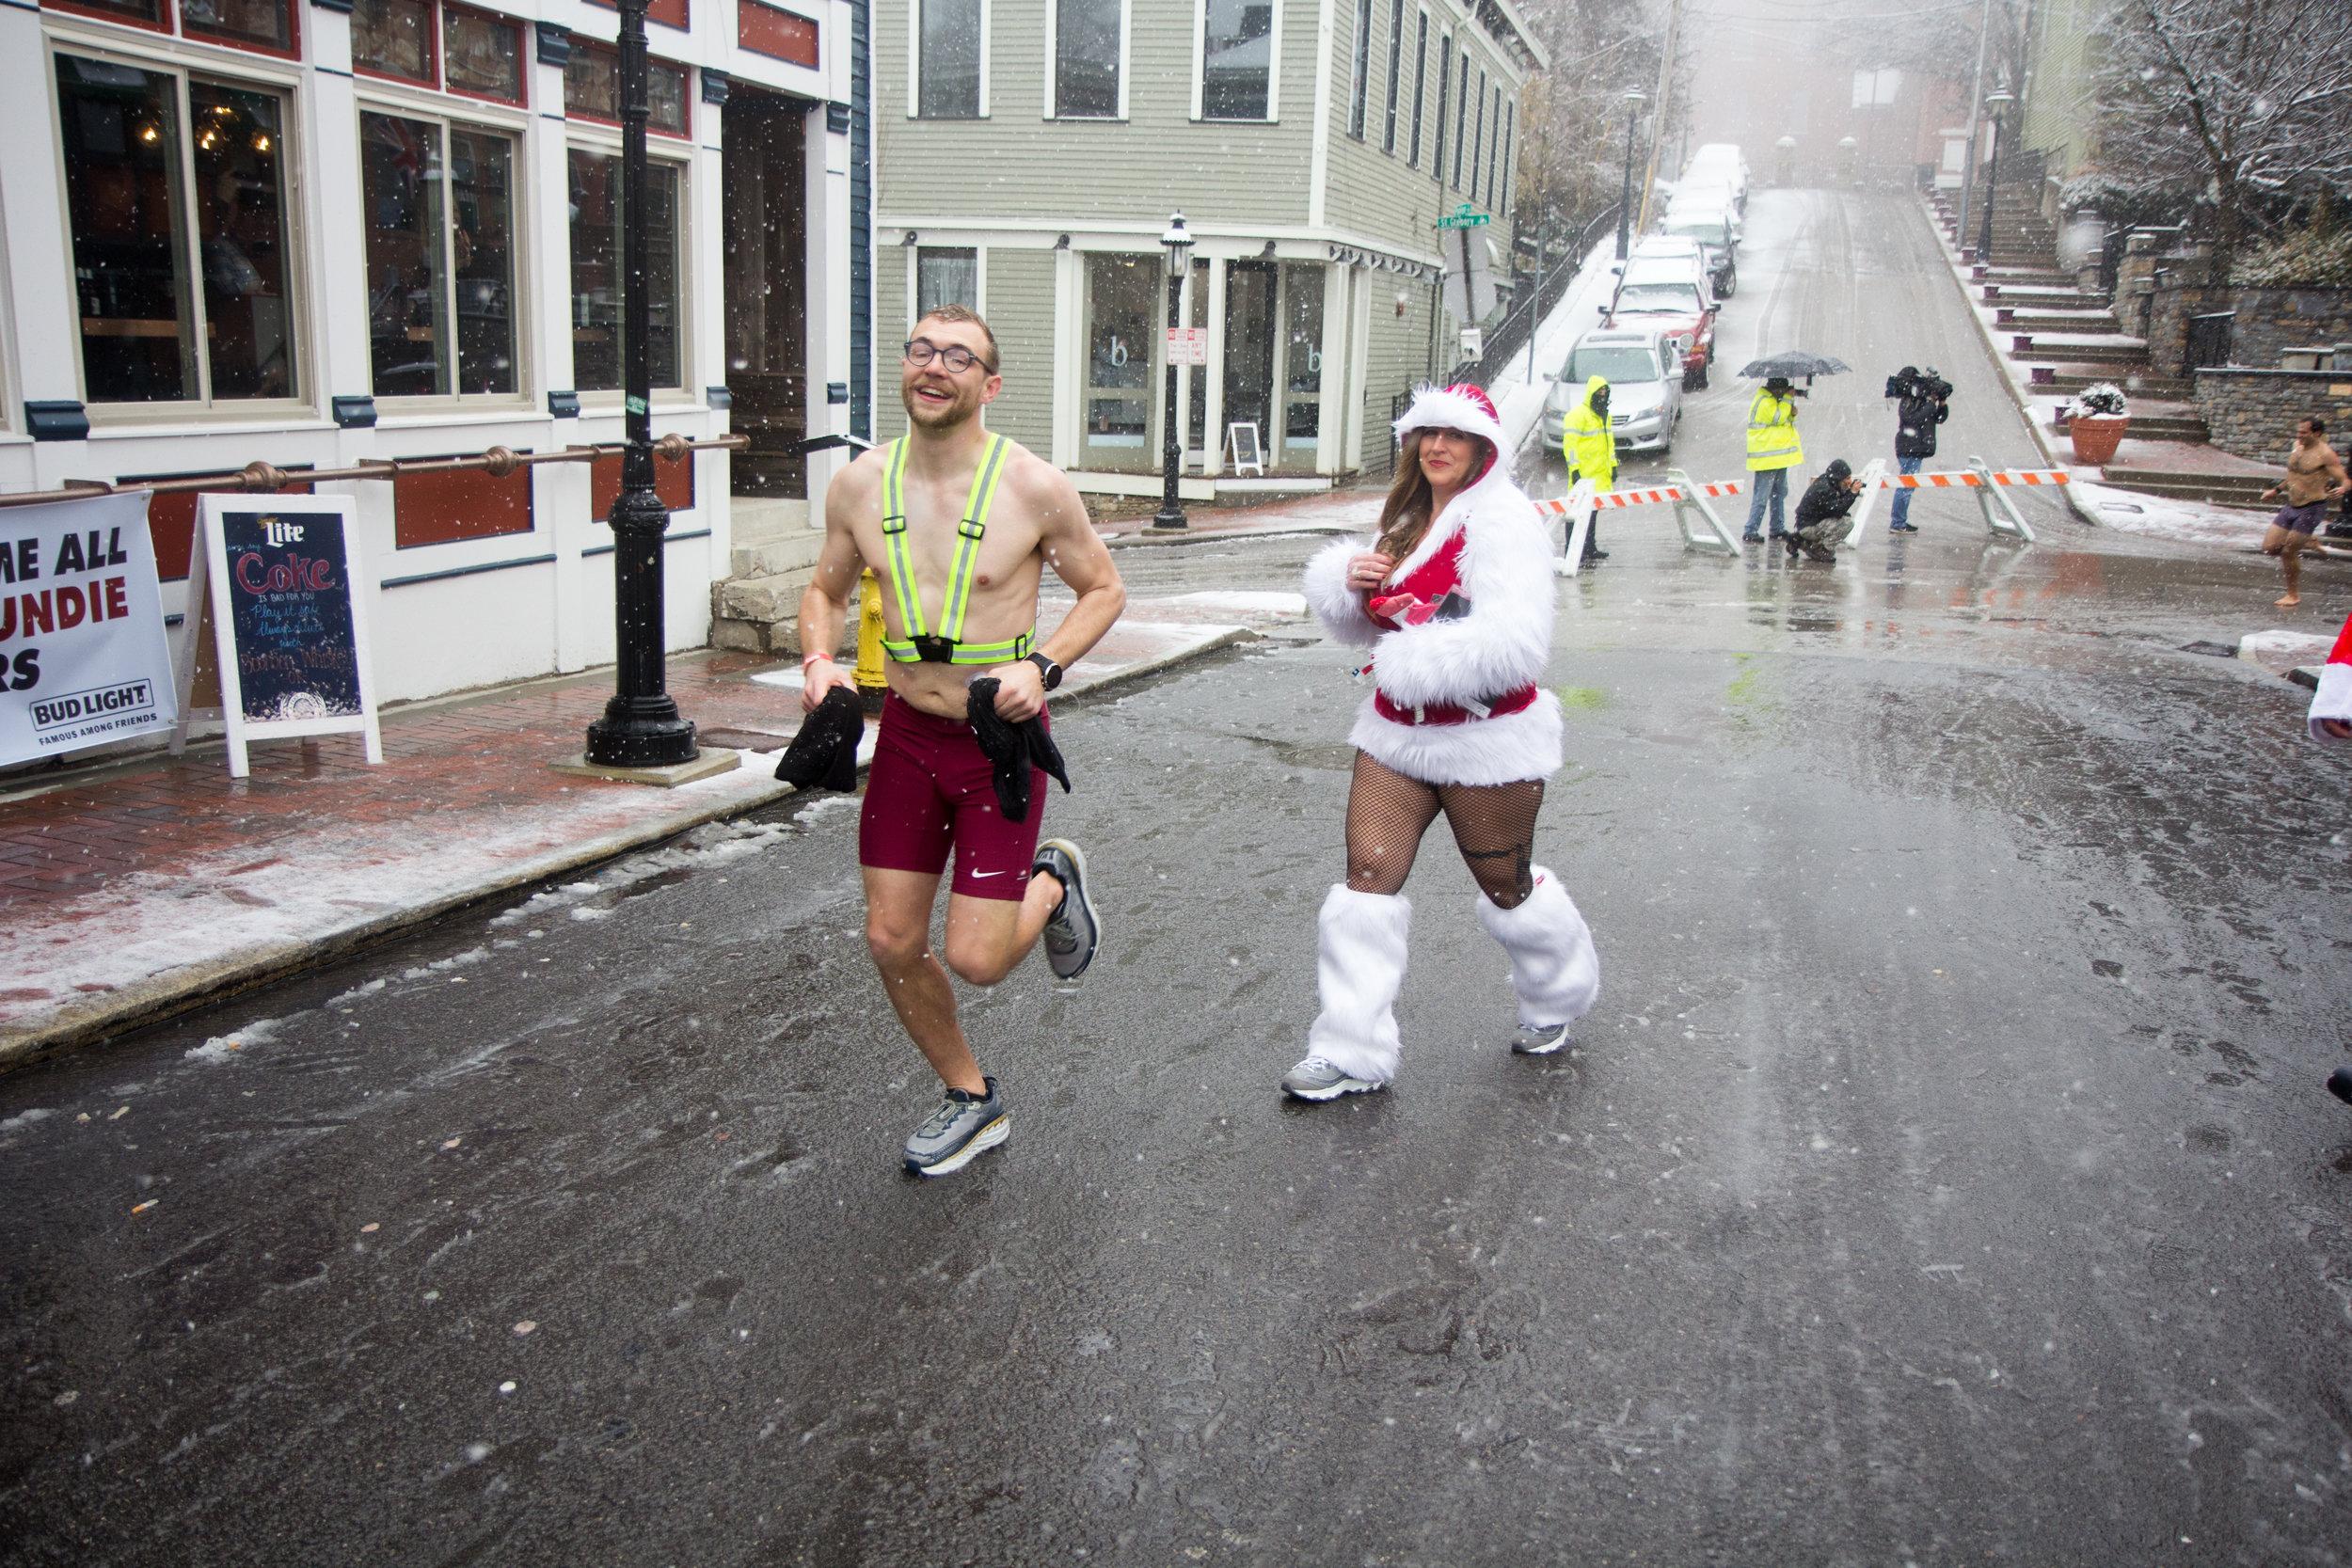 CaseyMillerPhoto - Cupid Undie Run 2018  (121 of 252).jpg